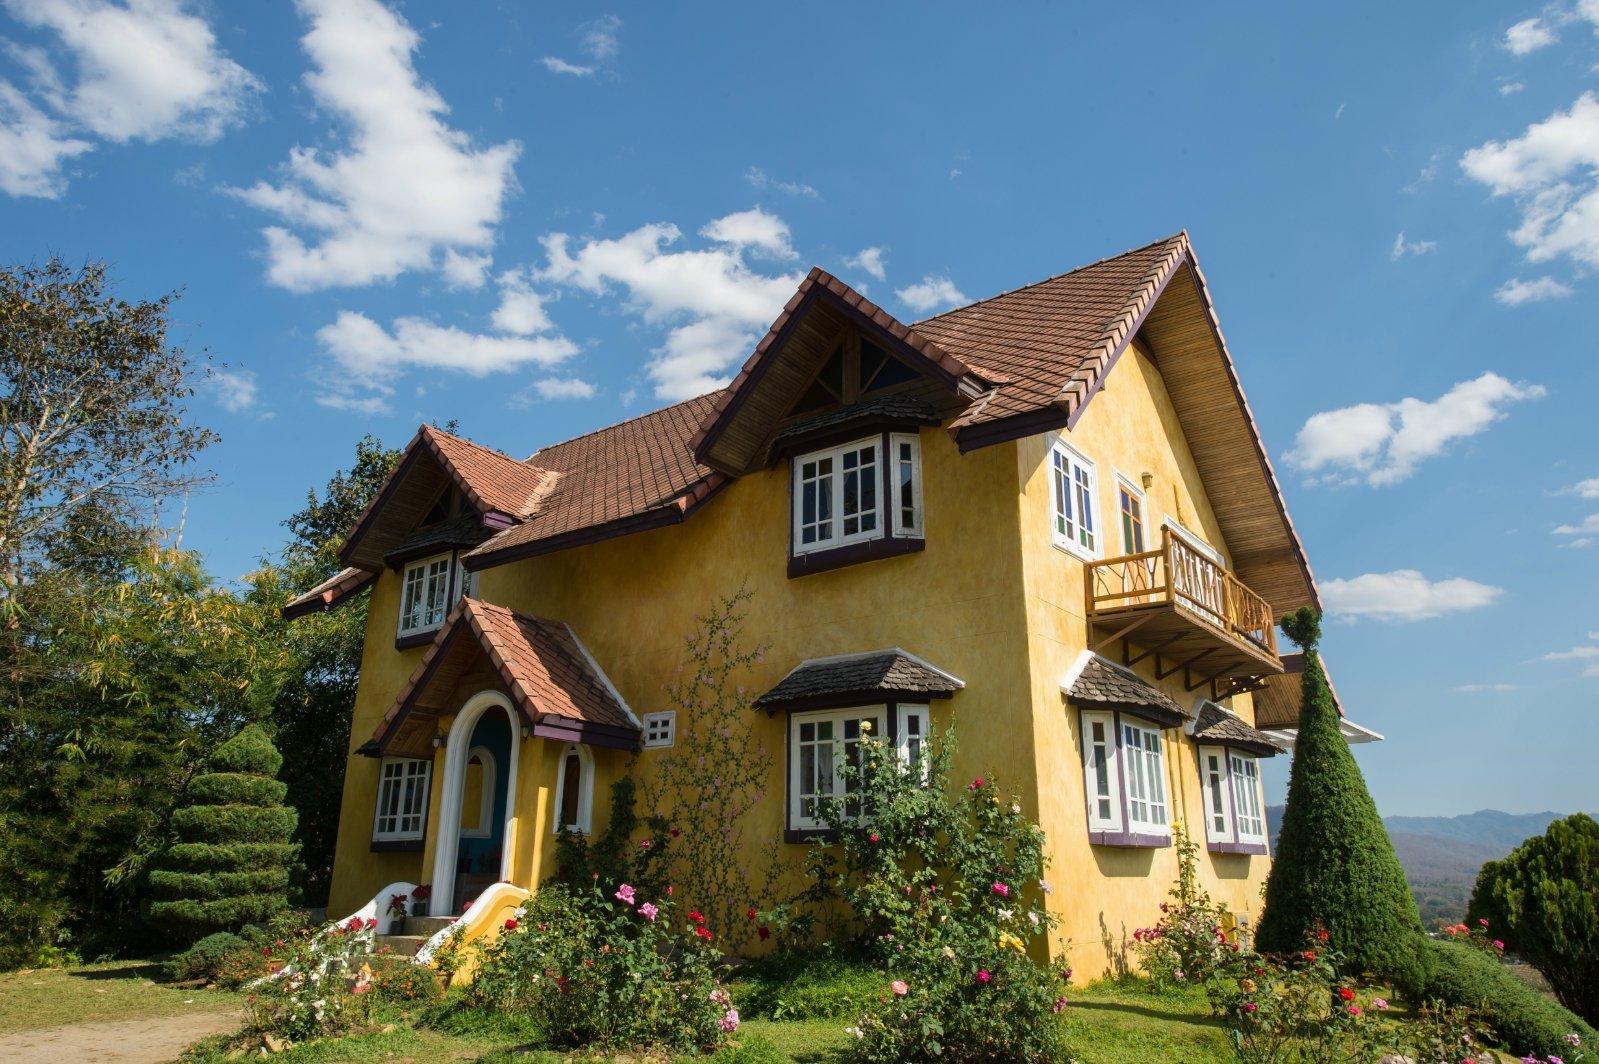 房子的建筑风格是欧式田园风格的,黄色的小屋在蓝天白云的映衬下格外